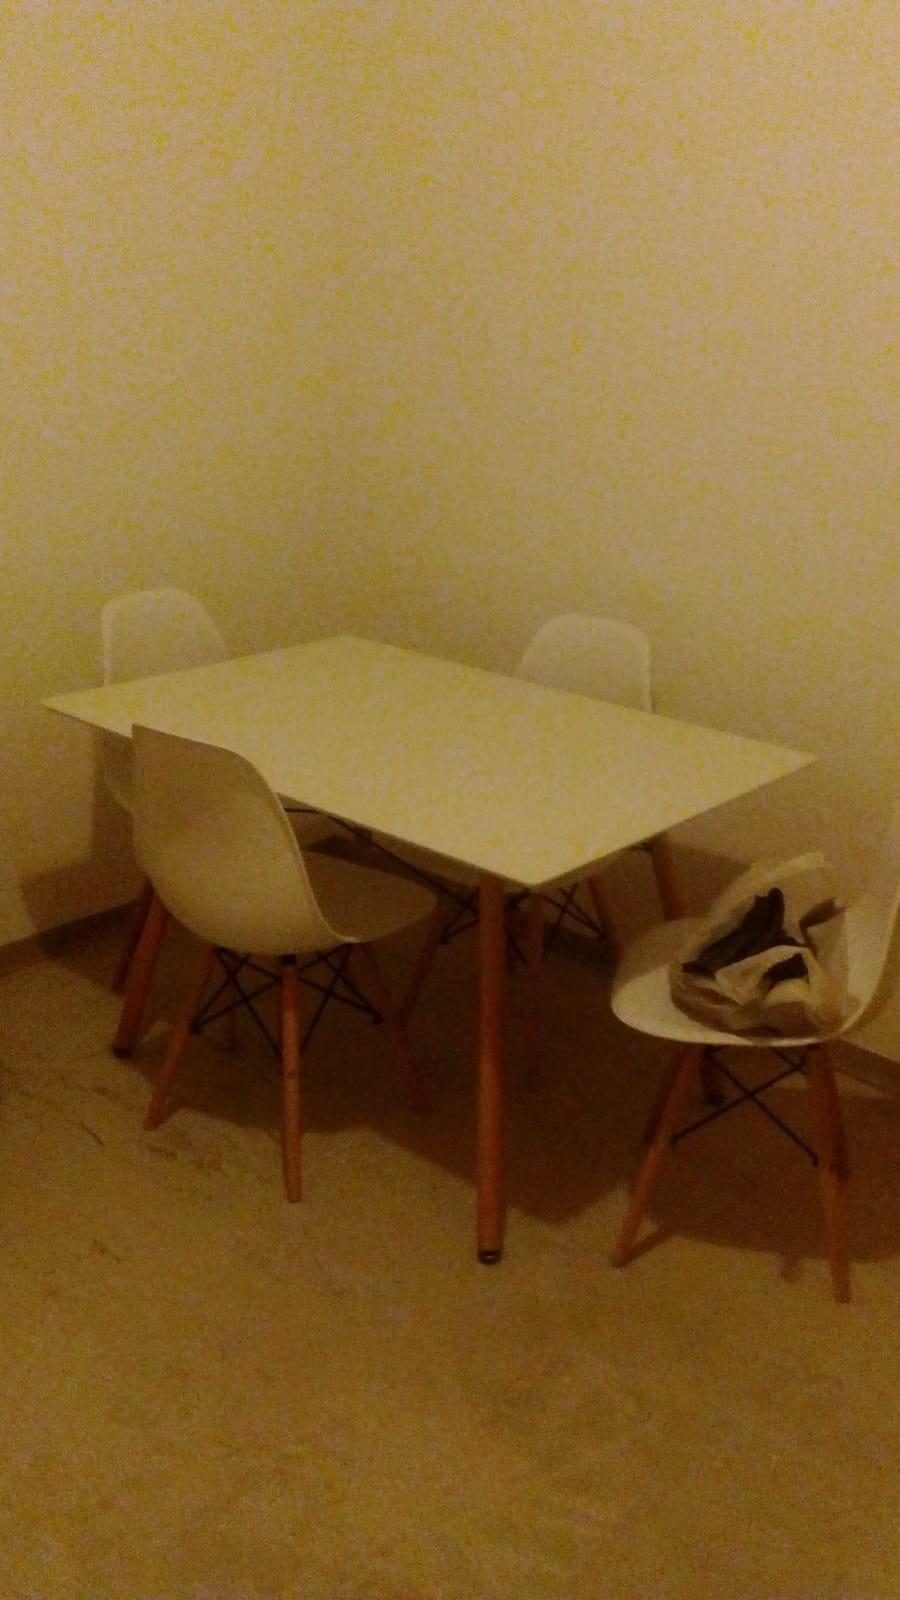 appartamento-ristrutturato-terrazza-2ff015274b96cdc6305b0d32a4fa56cc